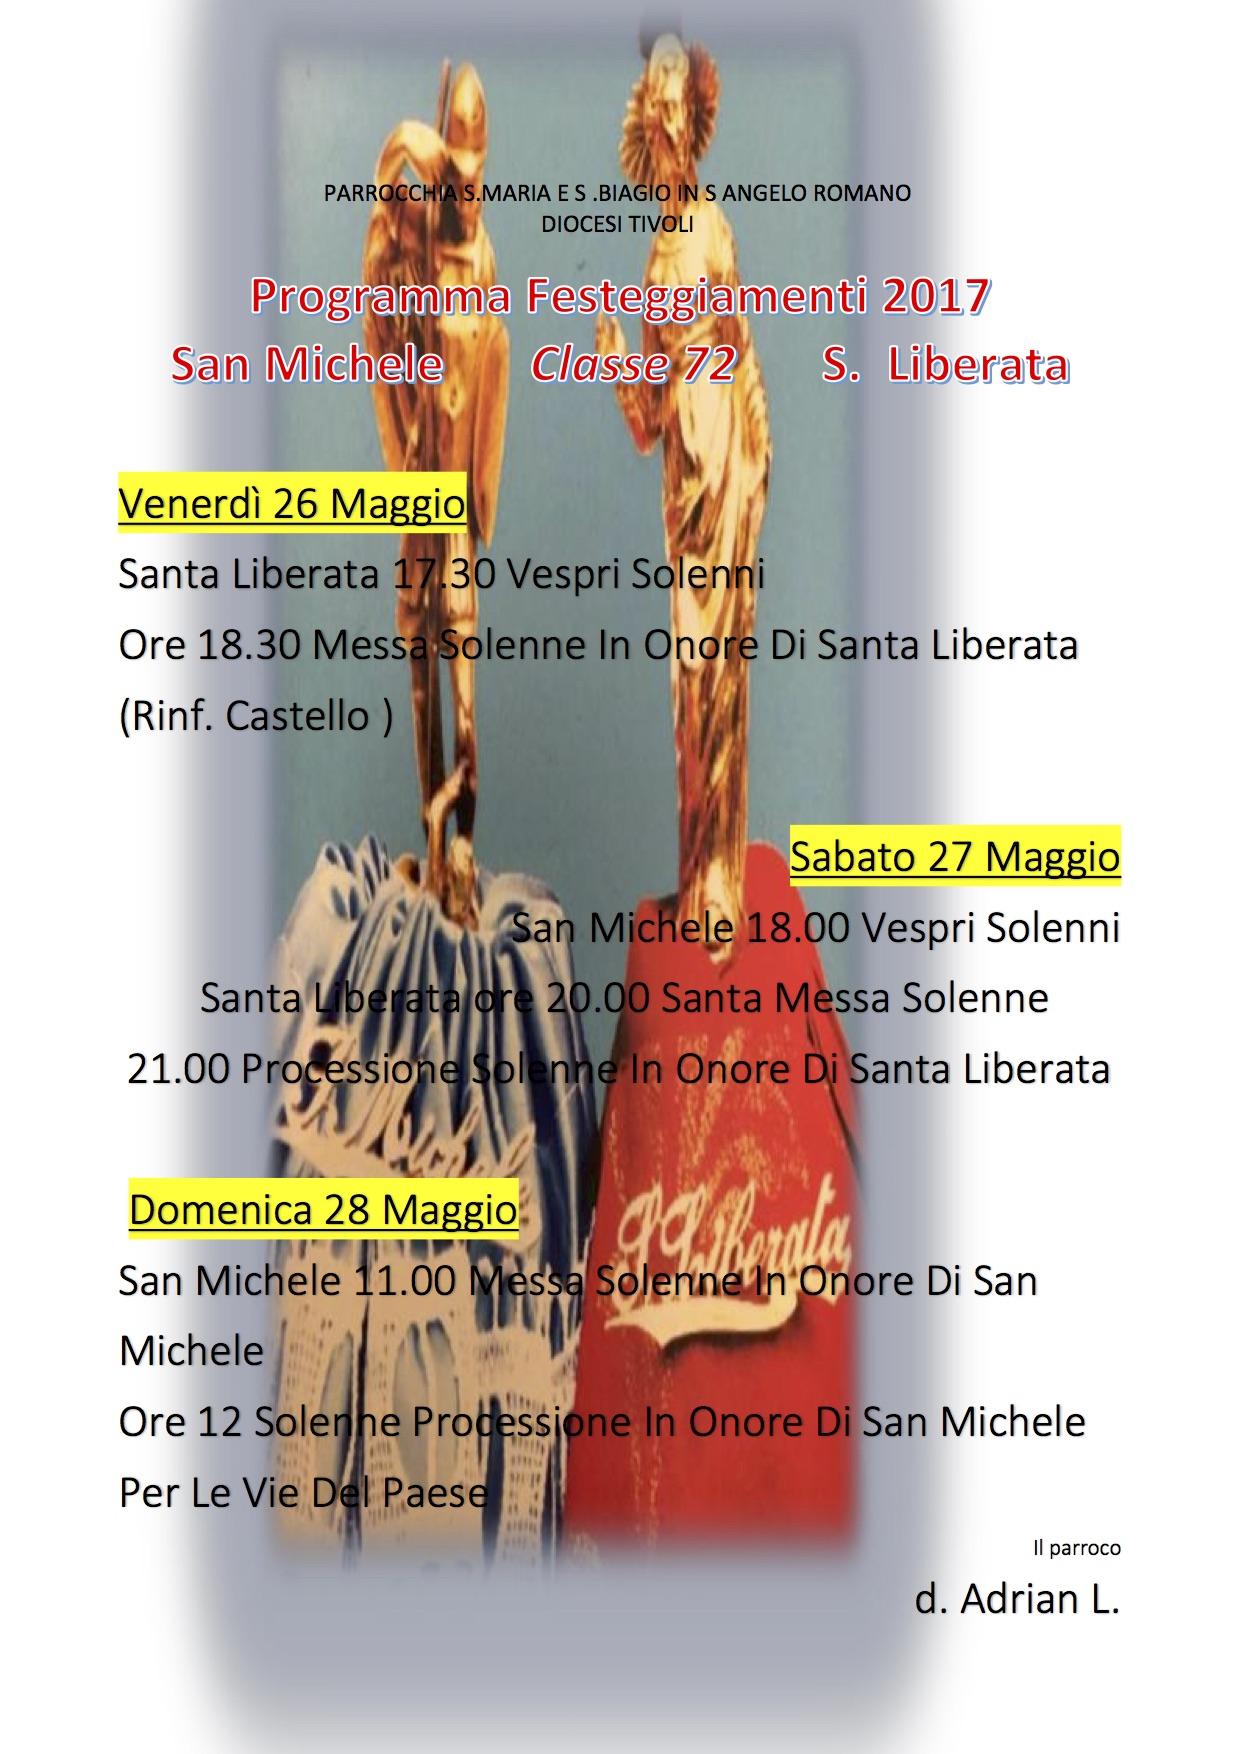 Programma Festeggiamenti 2017